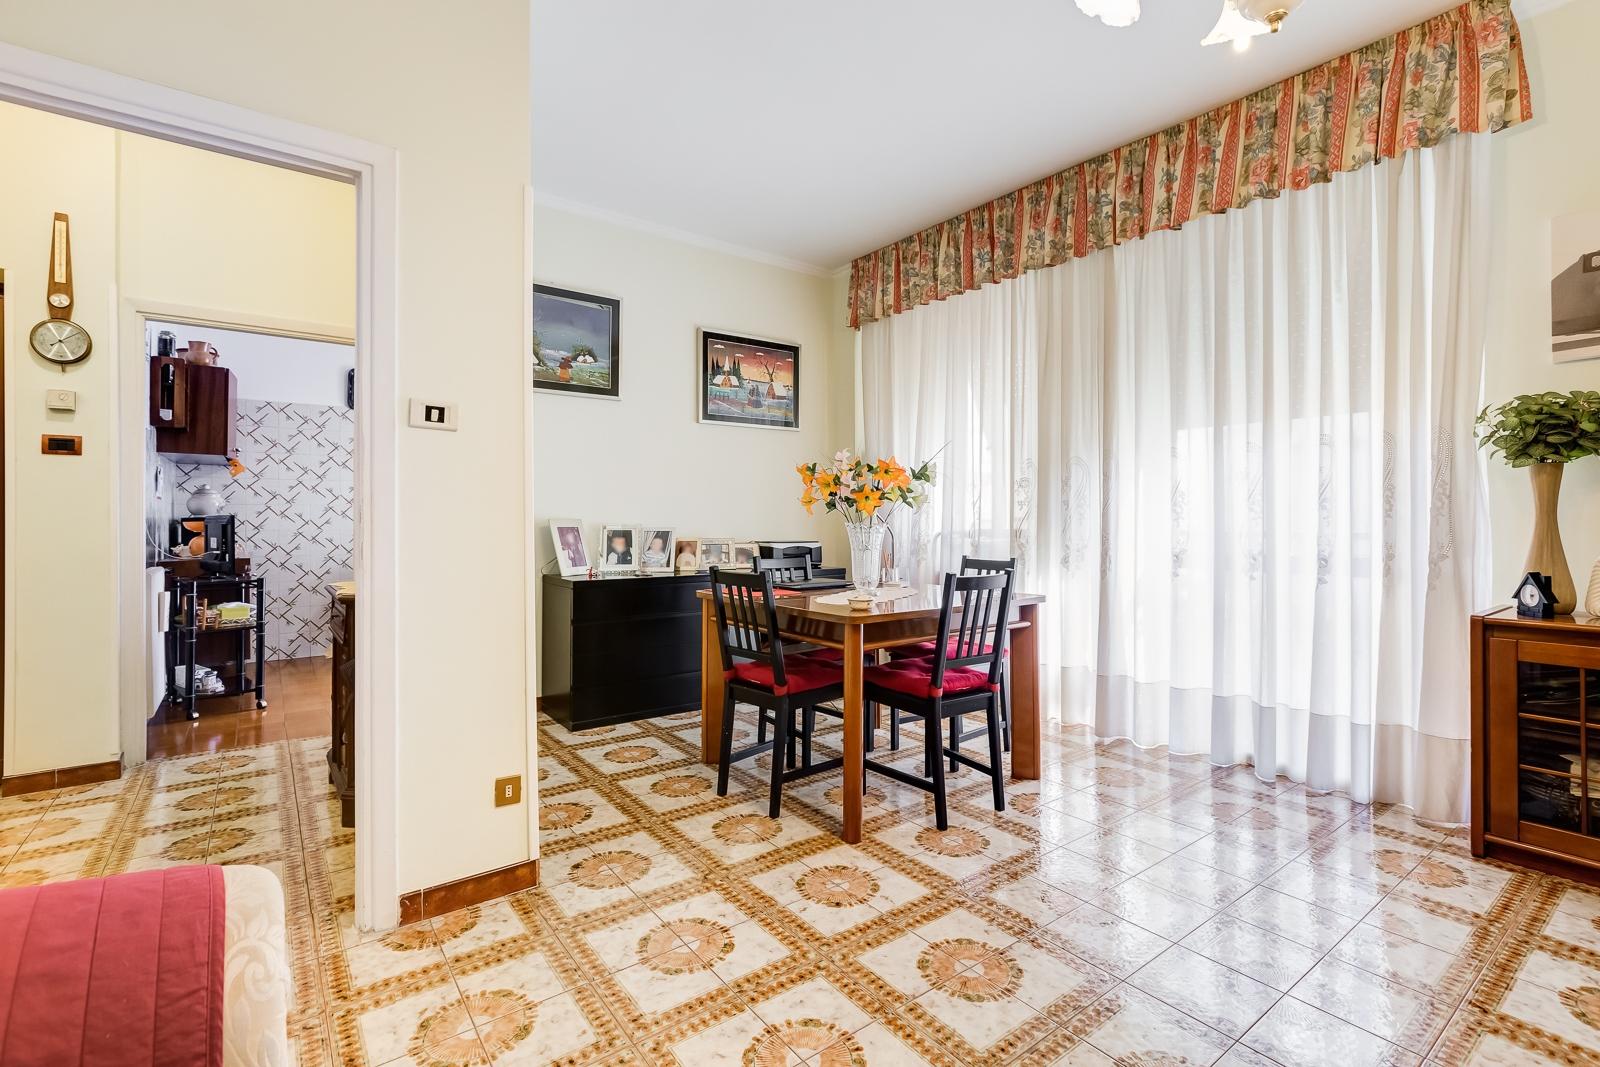 Agenzia immobiliare centocelle for Affitto uffici roma centocelle